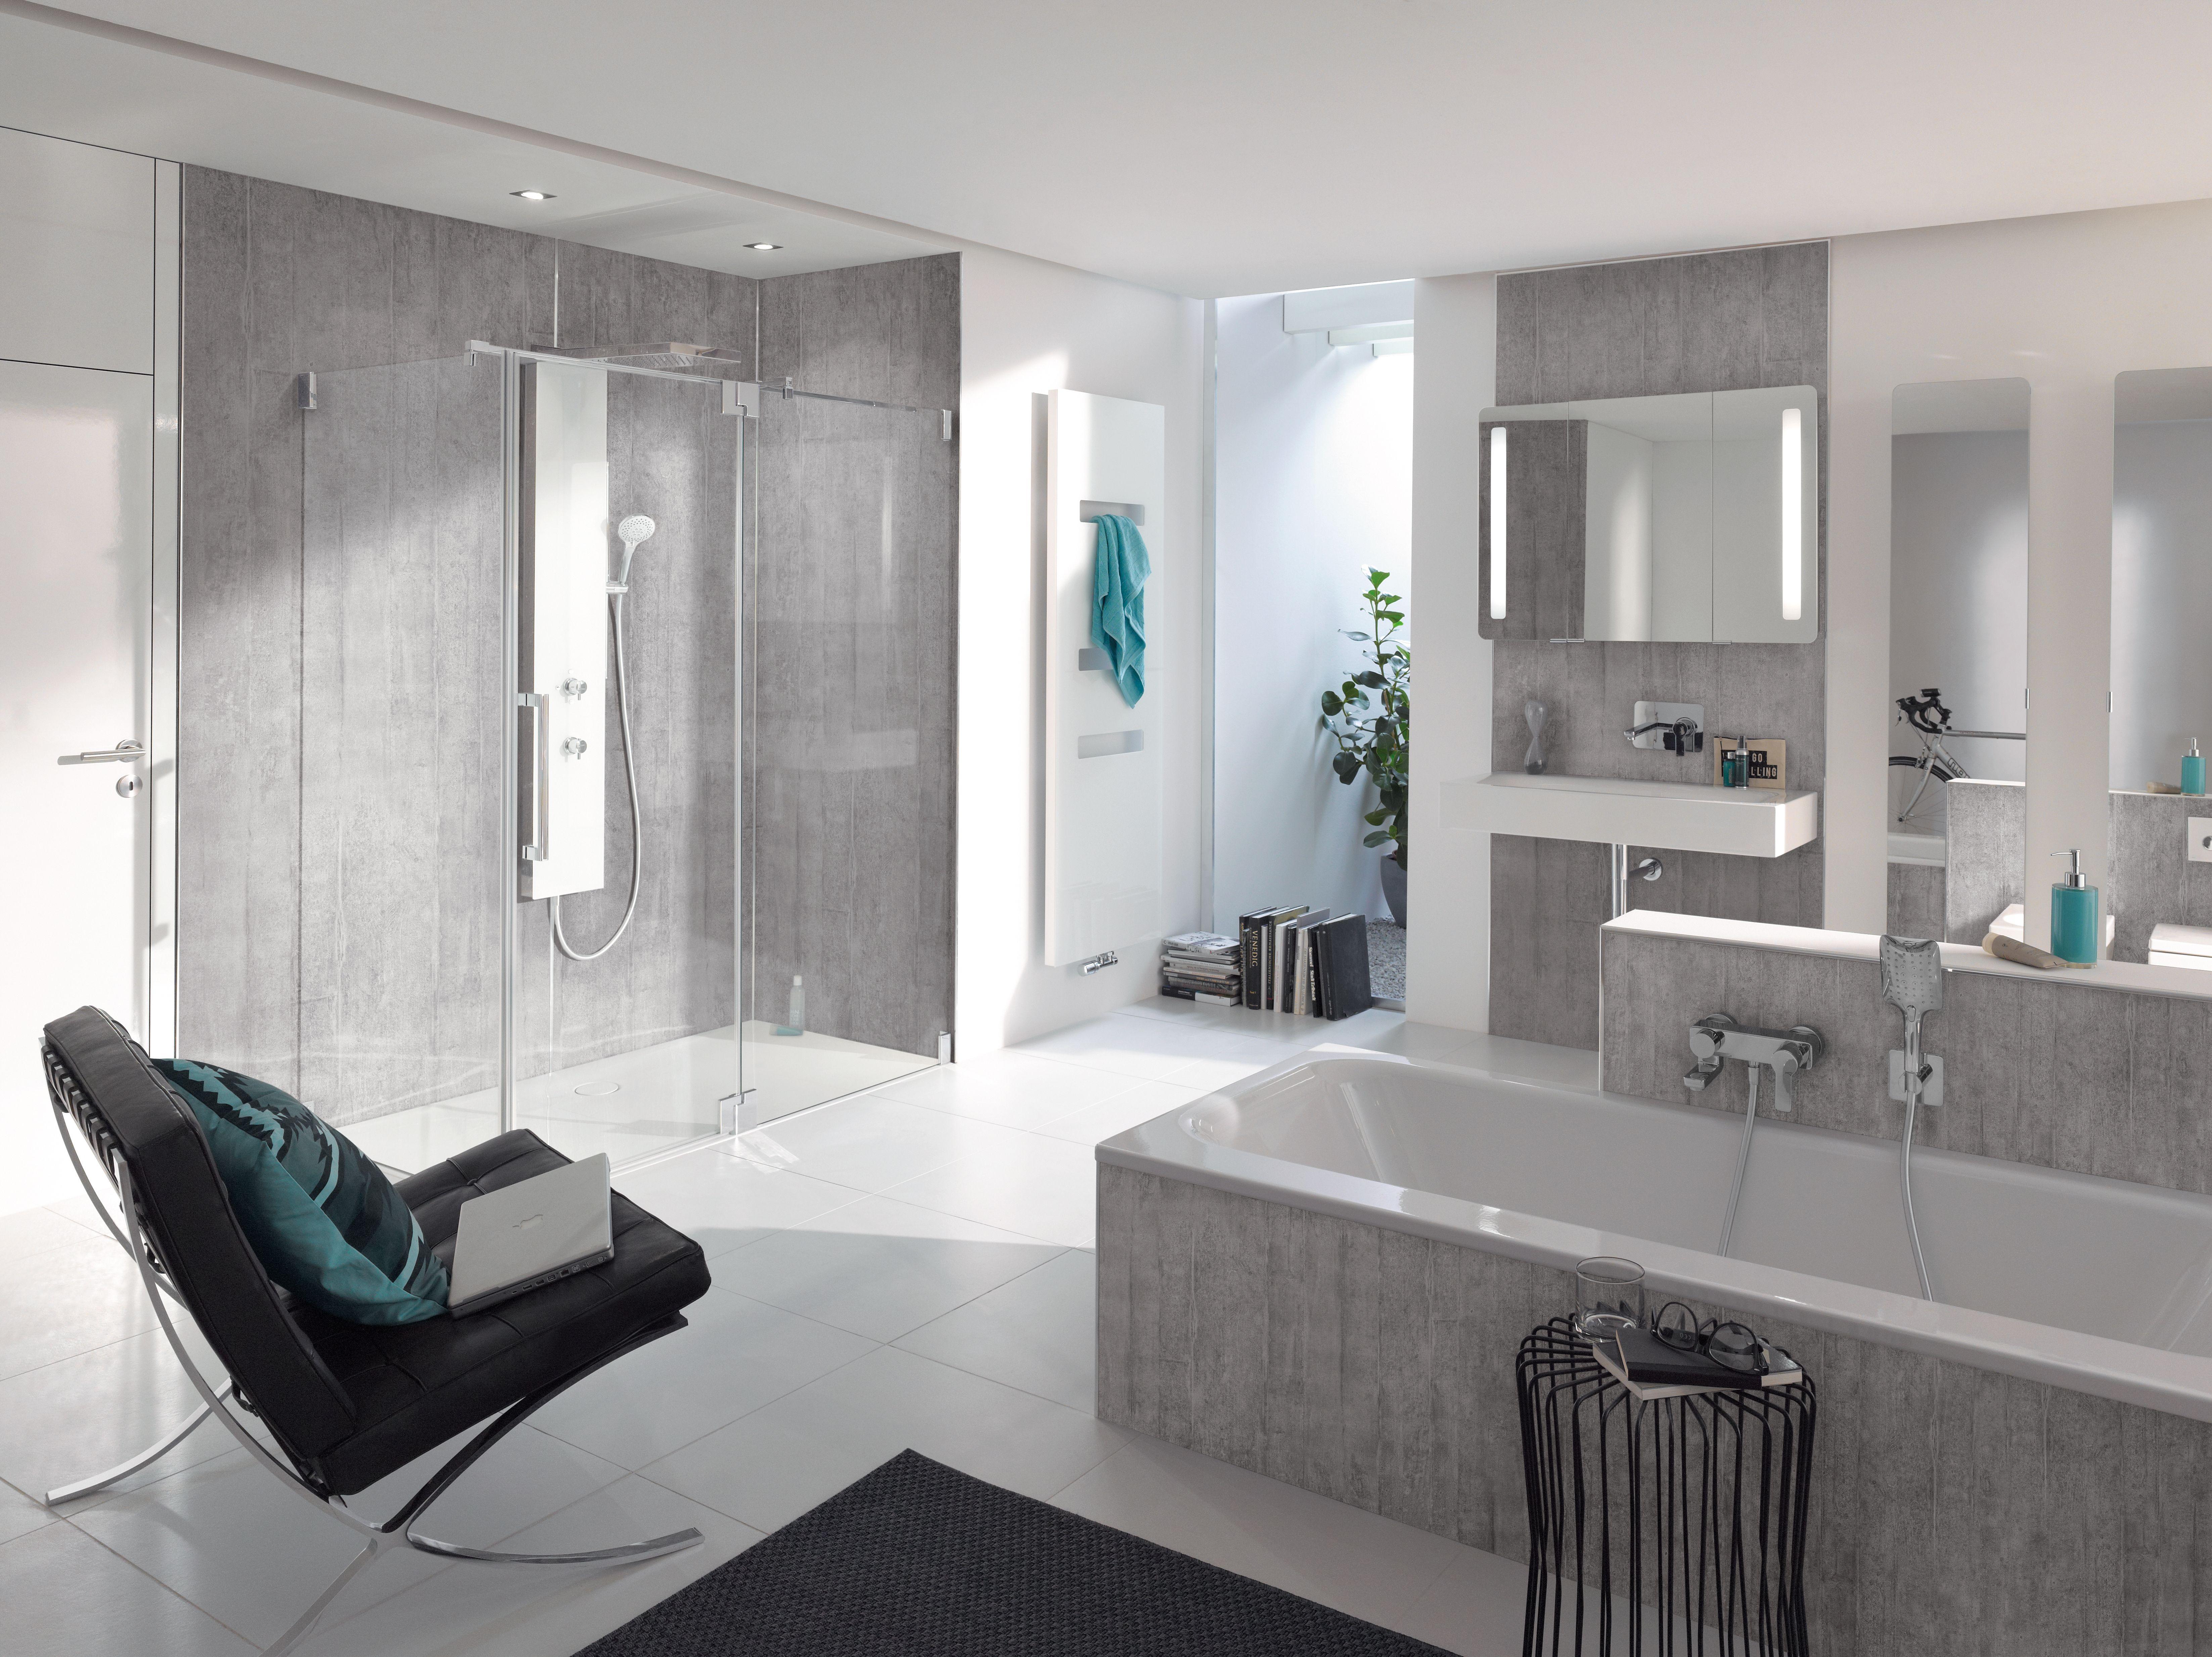 Hsk Duschkabinenbau Renodeco Sichtbeton Lichtgrau Luxusbadezimmer Zimmer Wandgestaltung